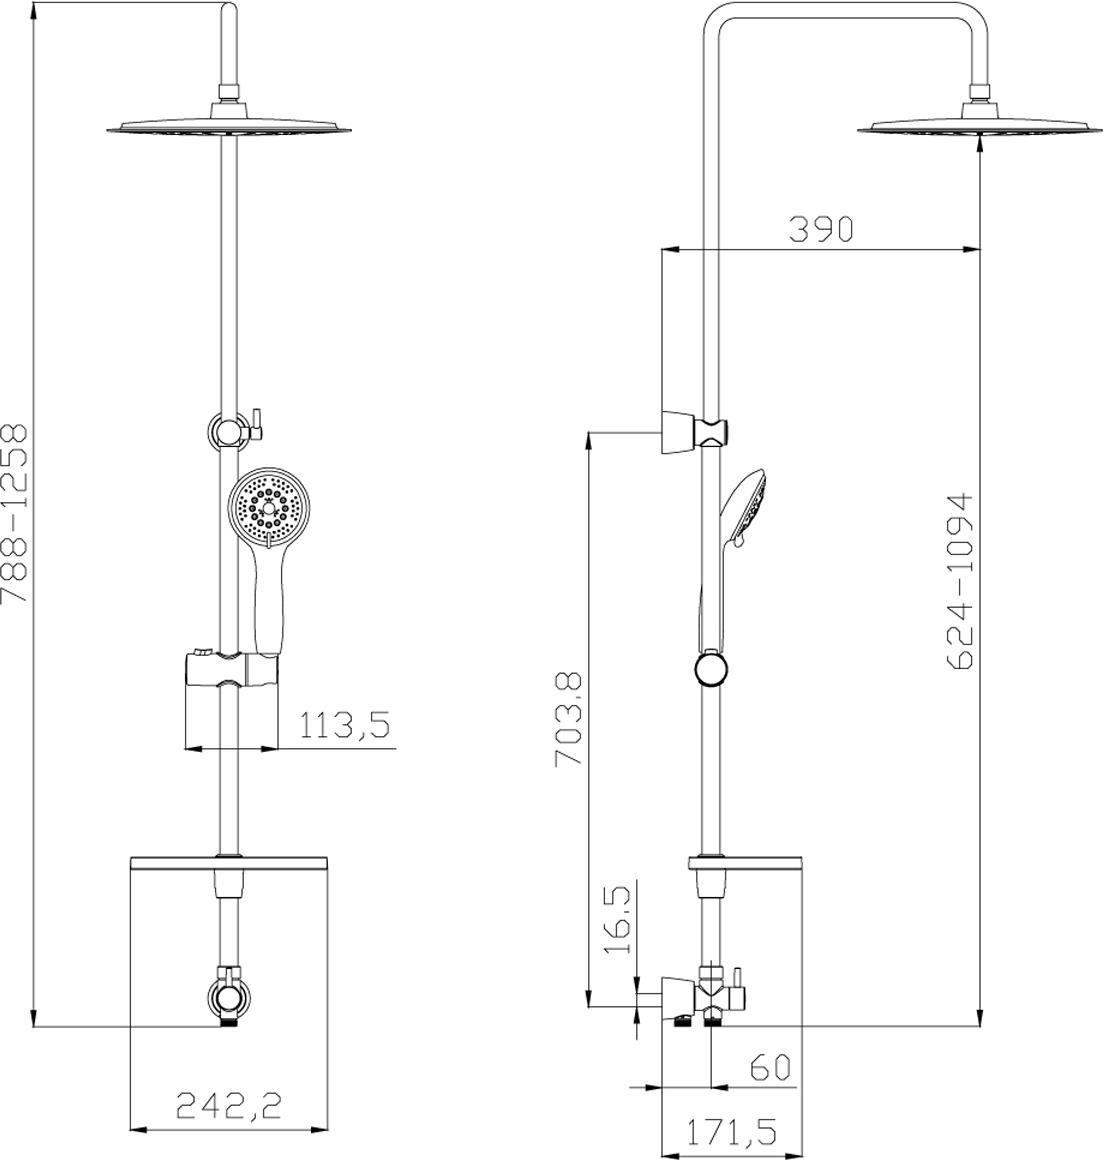 """Душевой гарнитур с регулируемой высотой штанги и верхней душевой лейкой """"Тропический дождь"""" 5-функциональная душевая лейка (диаметр 120 мм) Верхняя поворотная душевая лейка """"Тропический дождь"""" (диаметр 300 мм) Переключатель с керамическими пластинами Регулируемое по высоте крепление для лейки Регулируемая по высоте мыльница Душевой шланг 1,5 м (стальной, оплетка с двойным загибом) Шланг 0,8 м для подключения к смесителю (стальной, оплетка с двойным загибом)"""